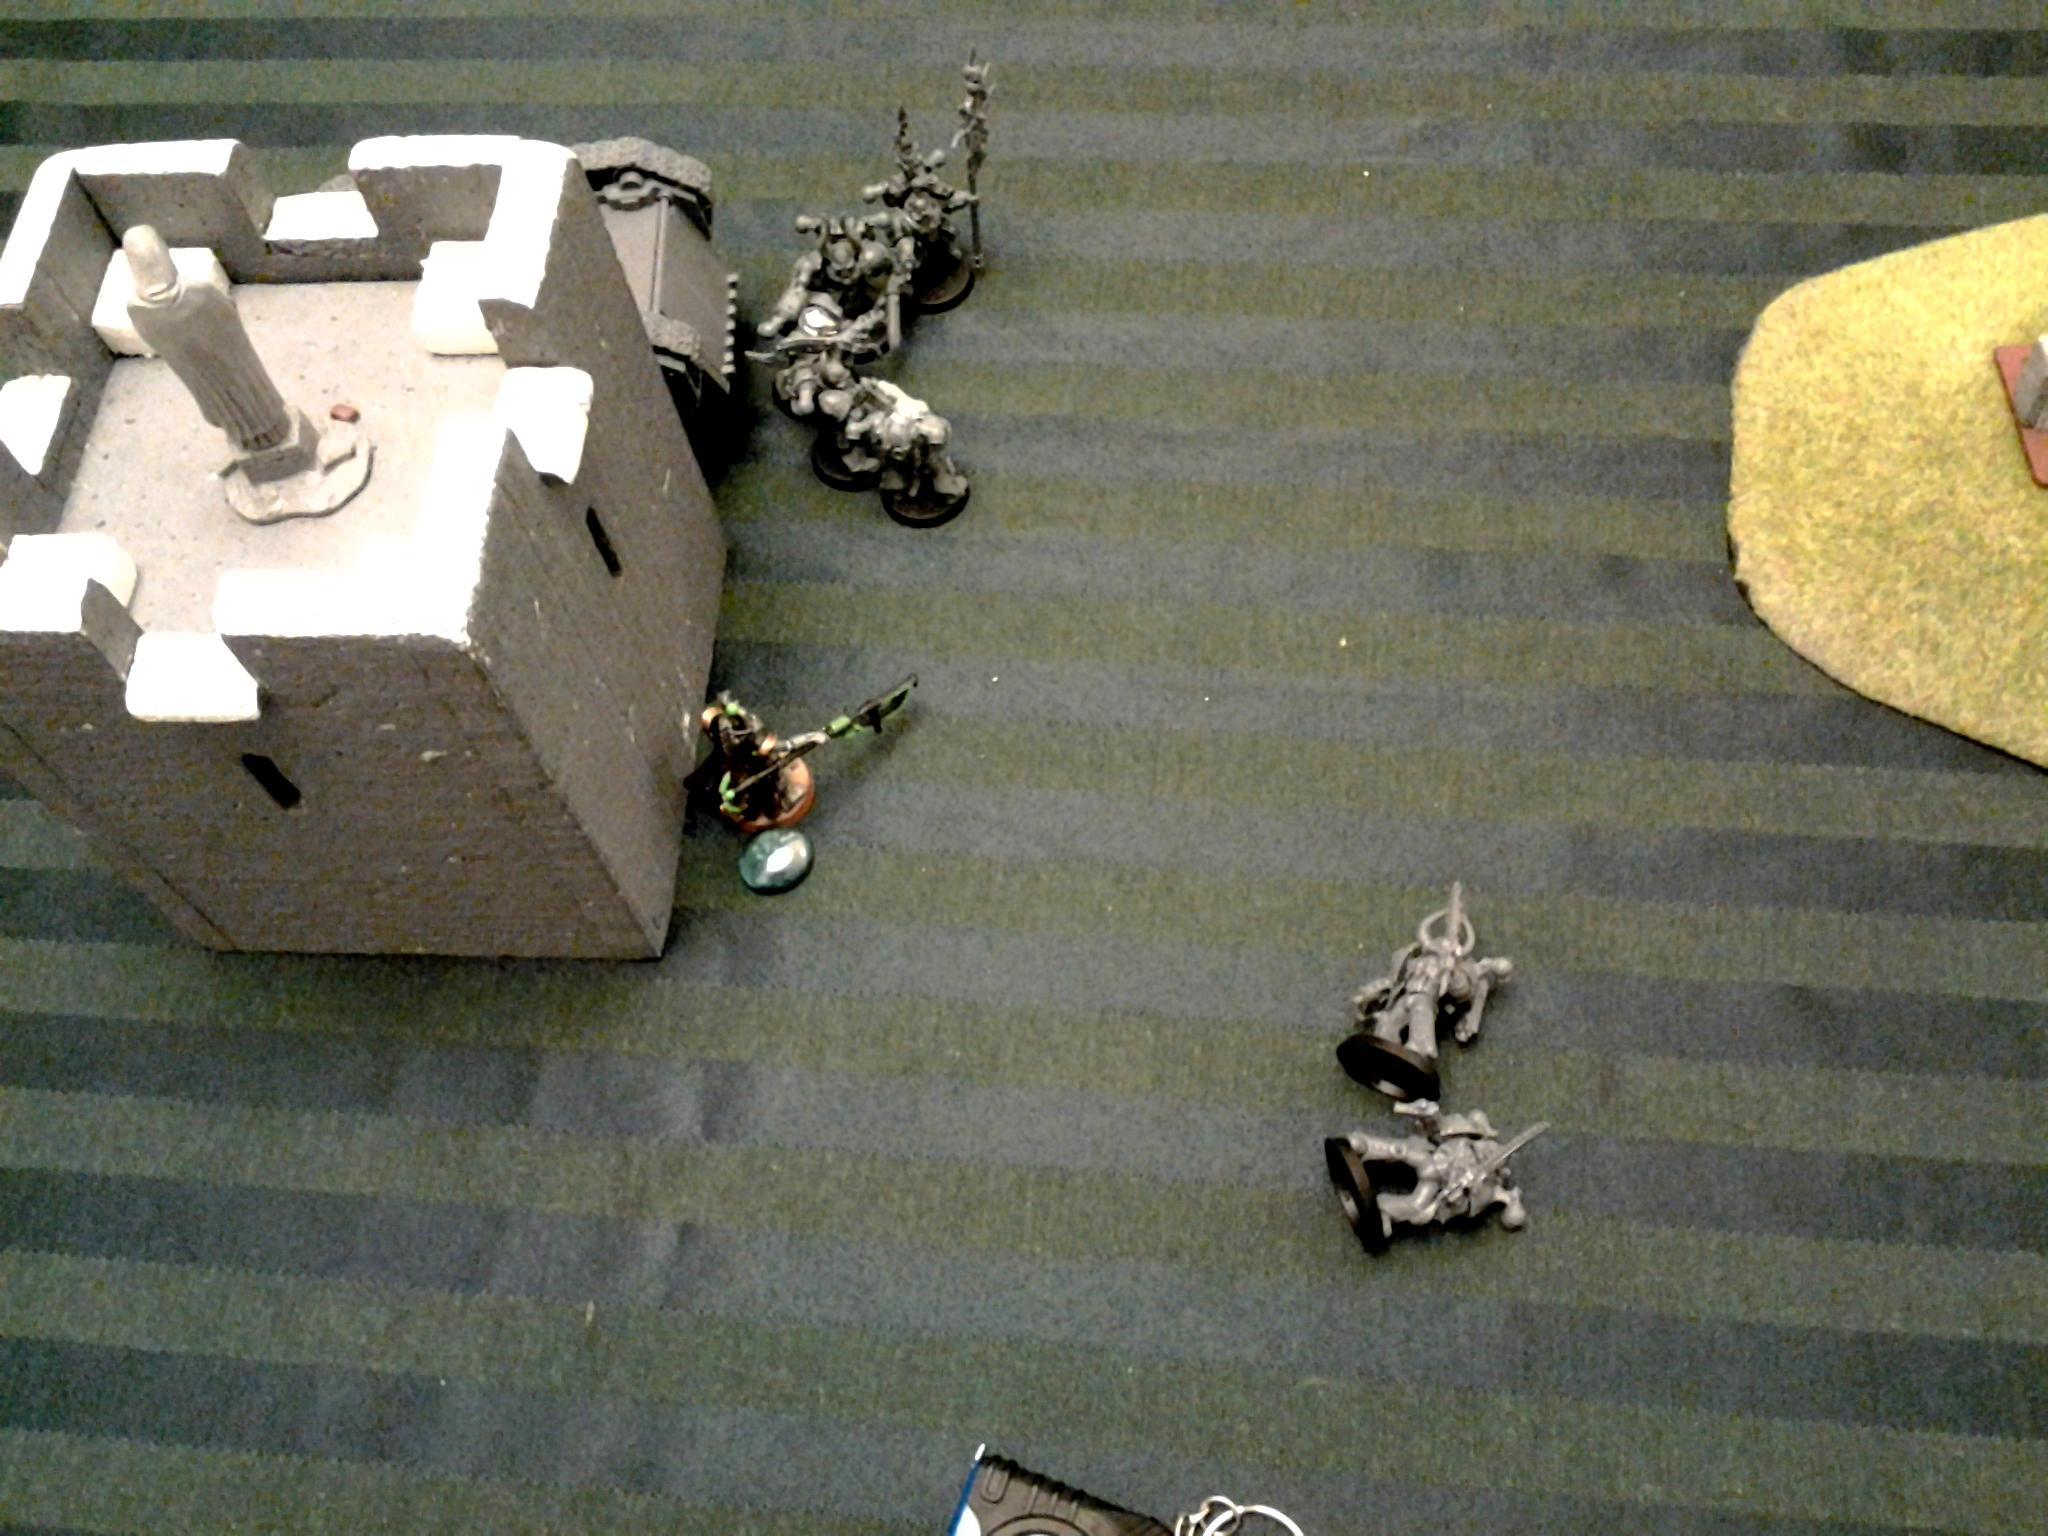 T5 necron assault